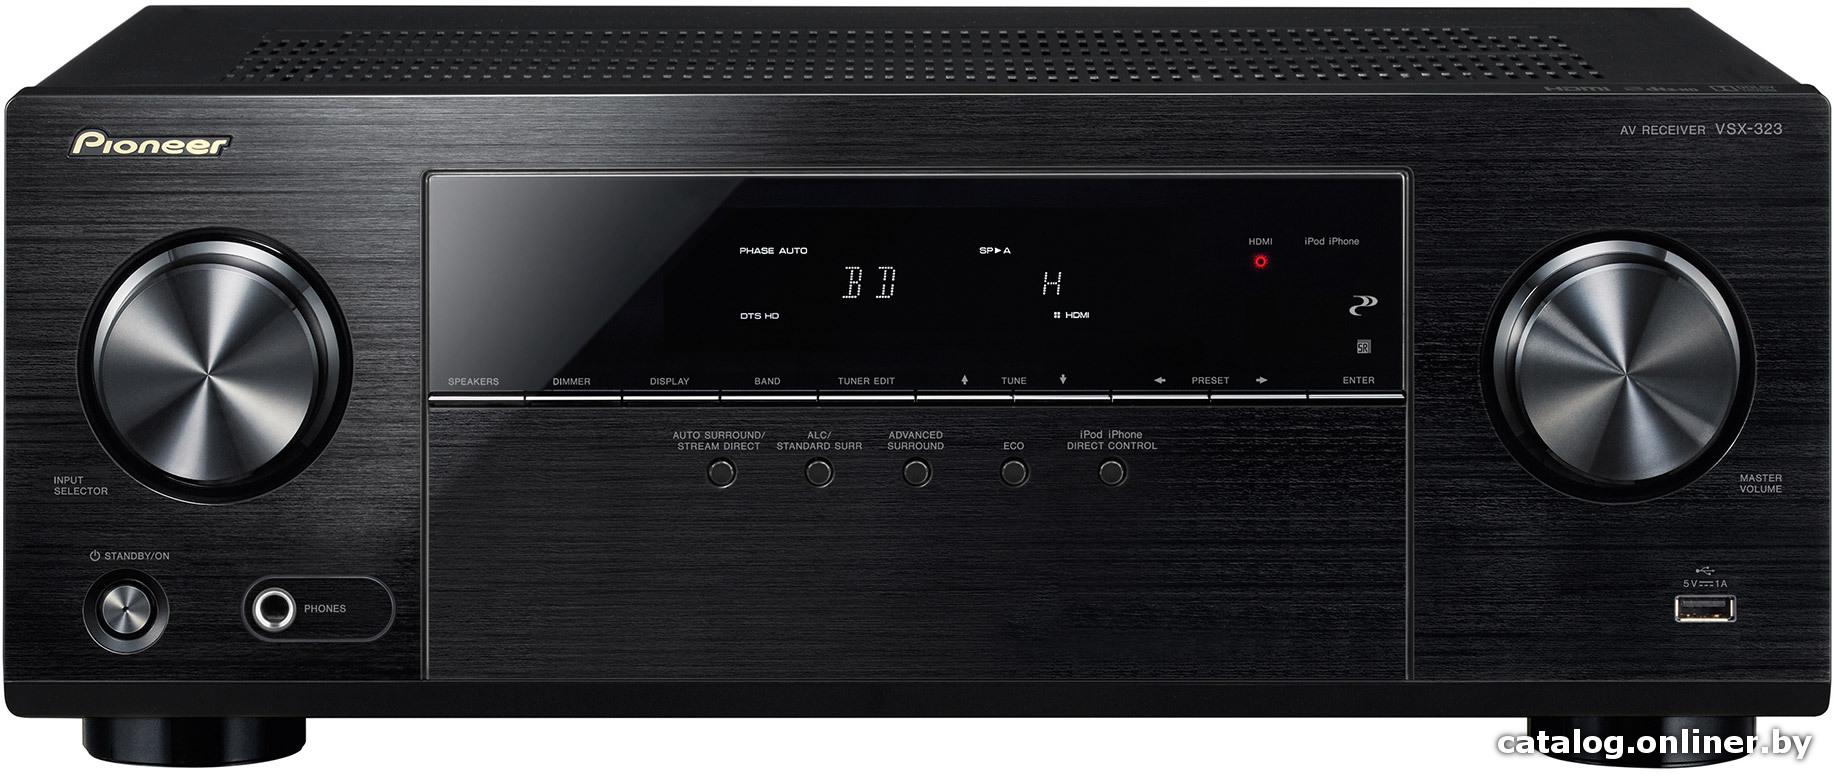 Pioneer 323 видеорегистратор отзывы прошивка для видеорегистратора h-232/p 7000